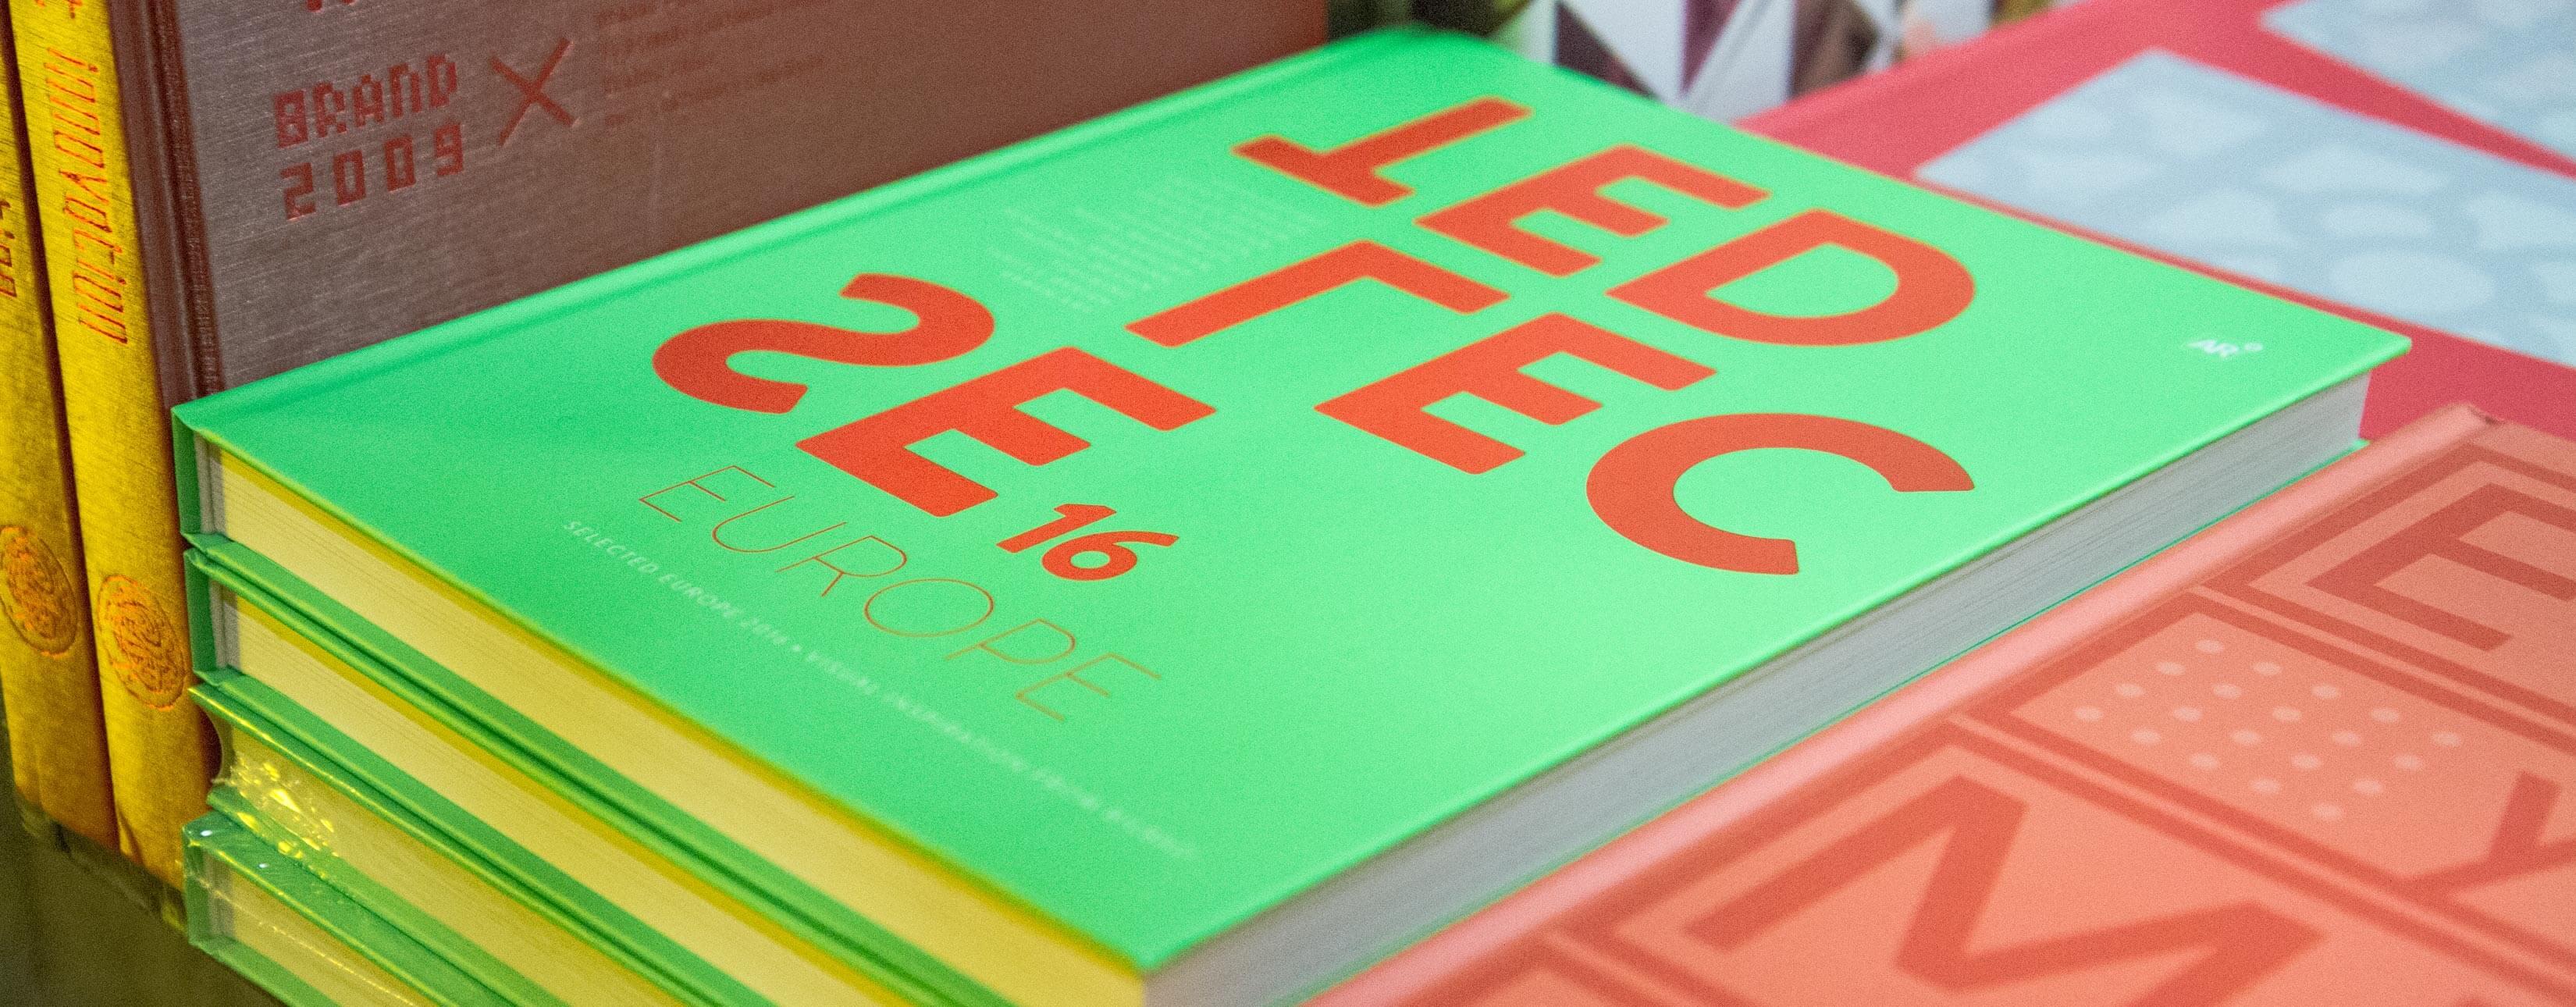 2016 Design Book